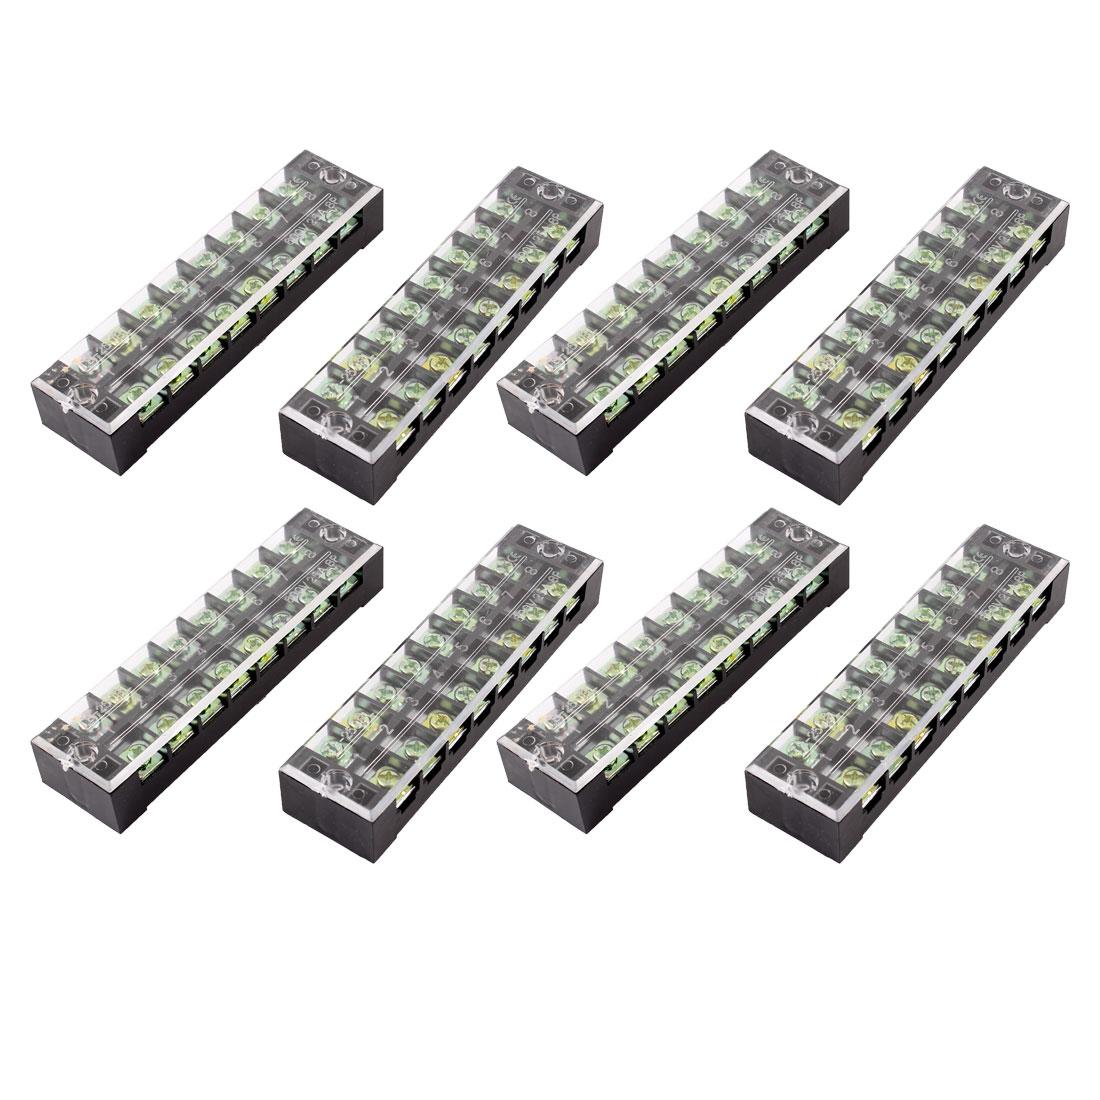 Unique Bargains 8 Pcs Dual Row 8P Screw Barrier Terminal Block Strip Connector 600V 25A